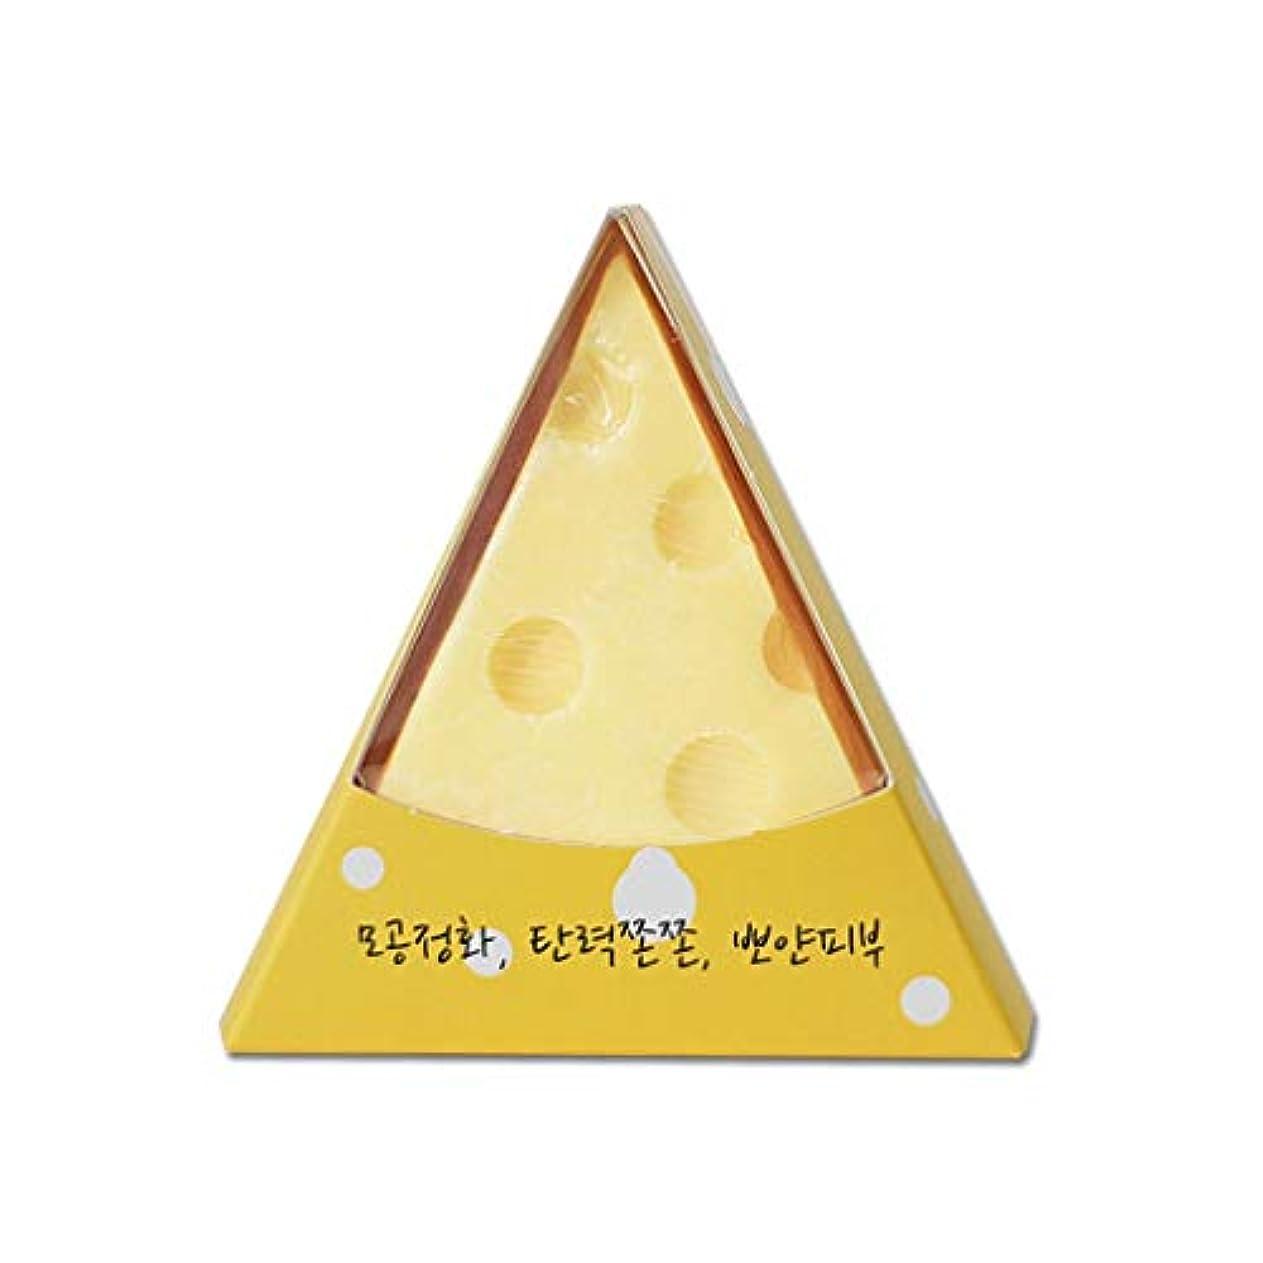 ポータルマイコン恨みCOSFORU 韓国チーズクレンジングの顔の石鹸。 100g